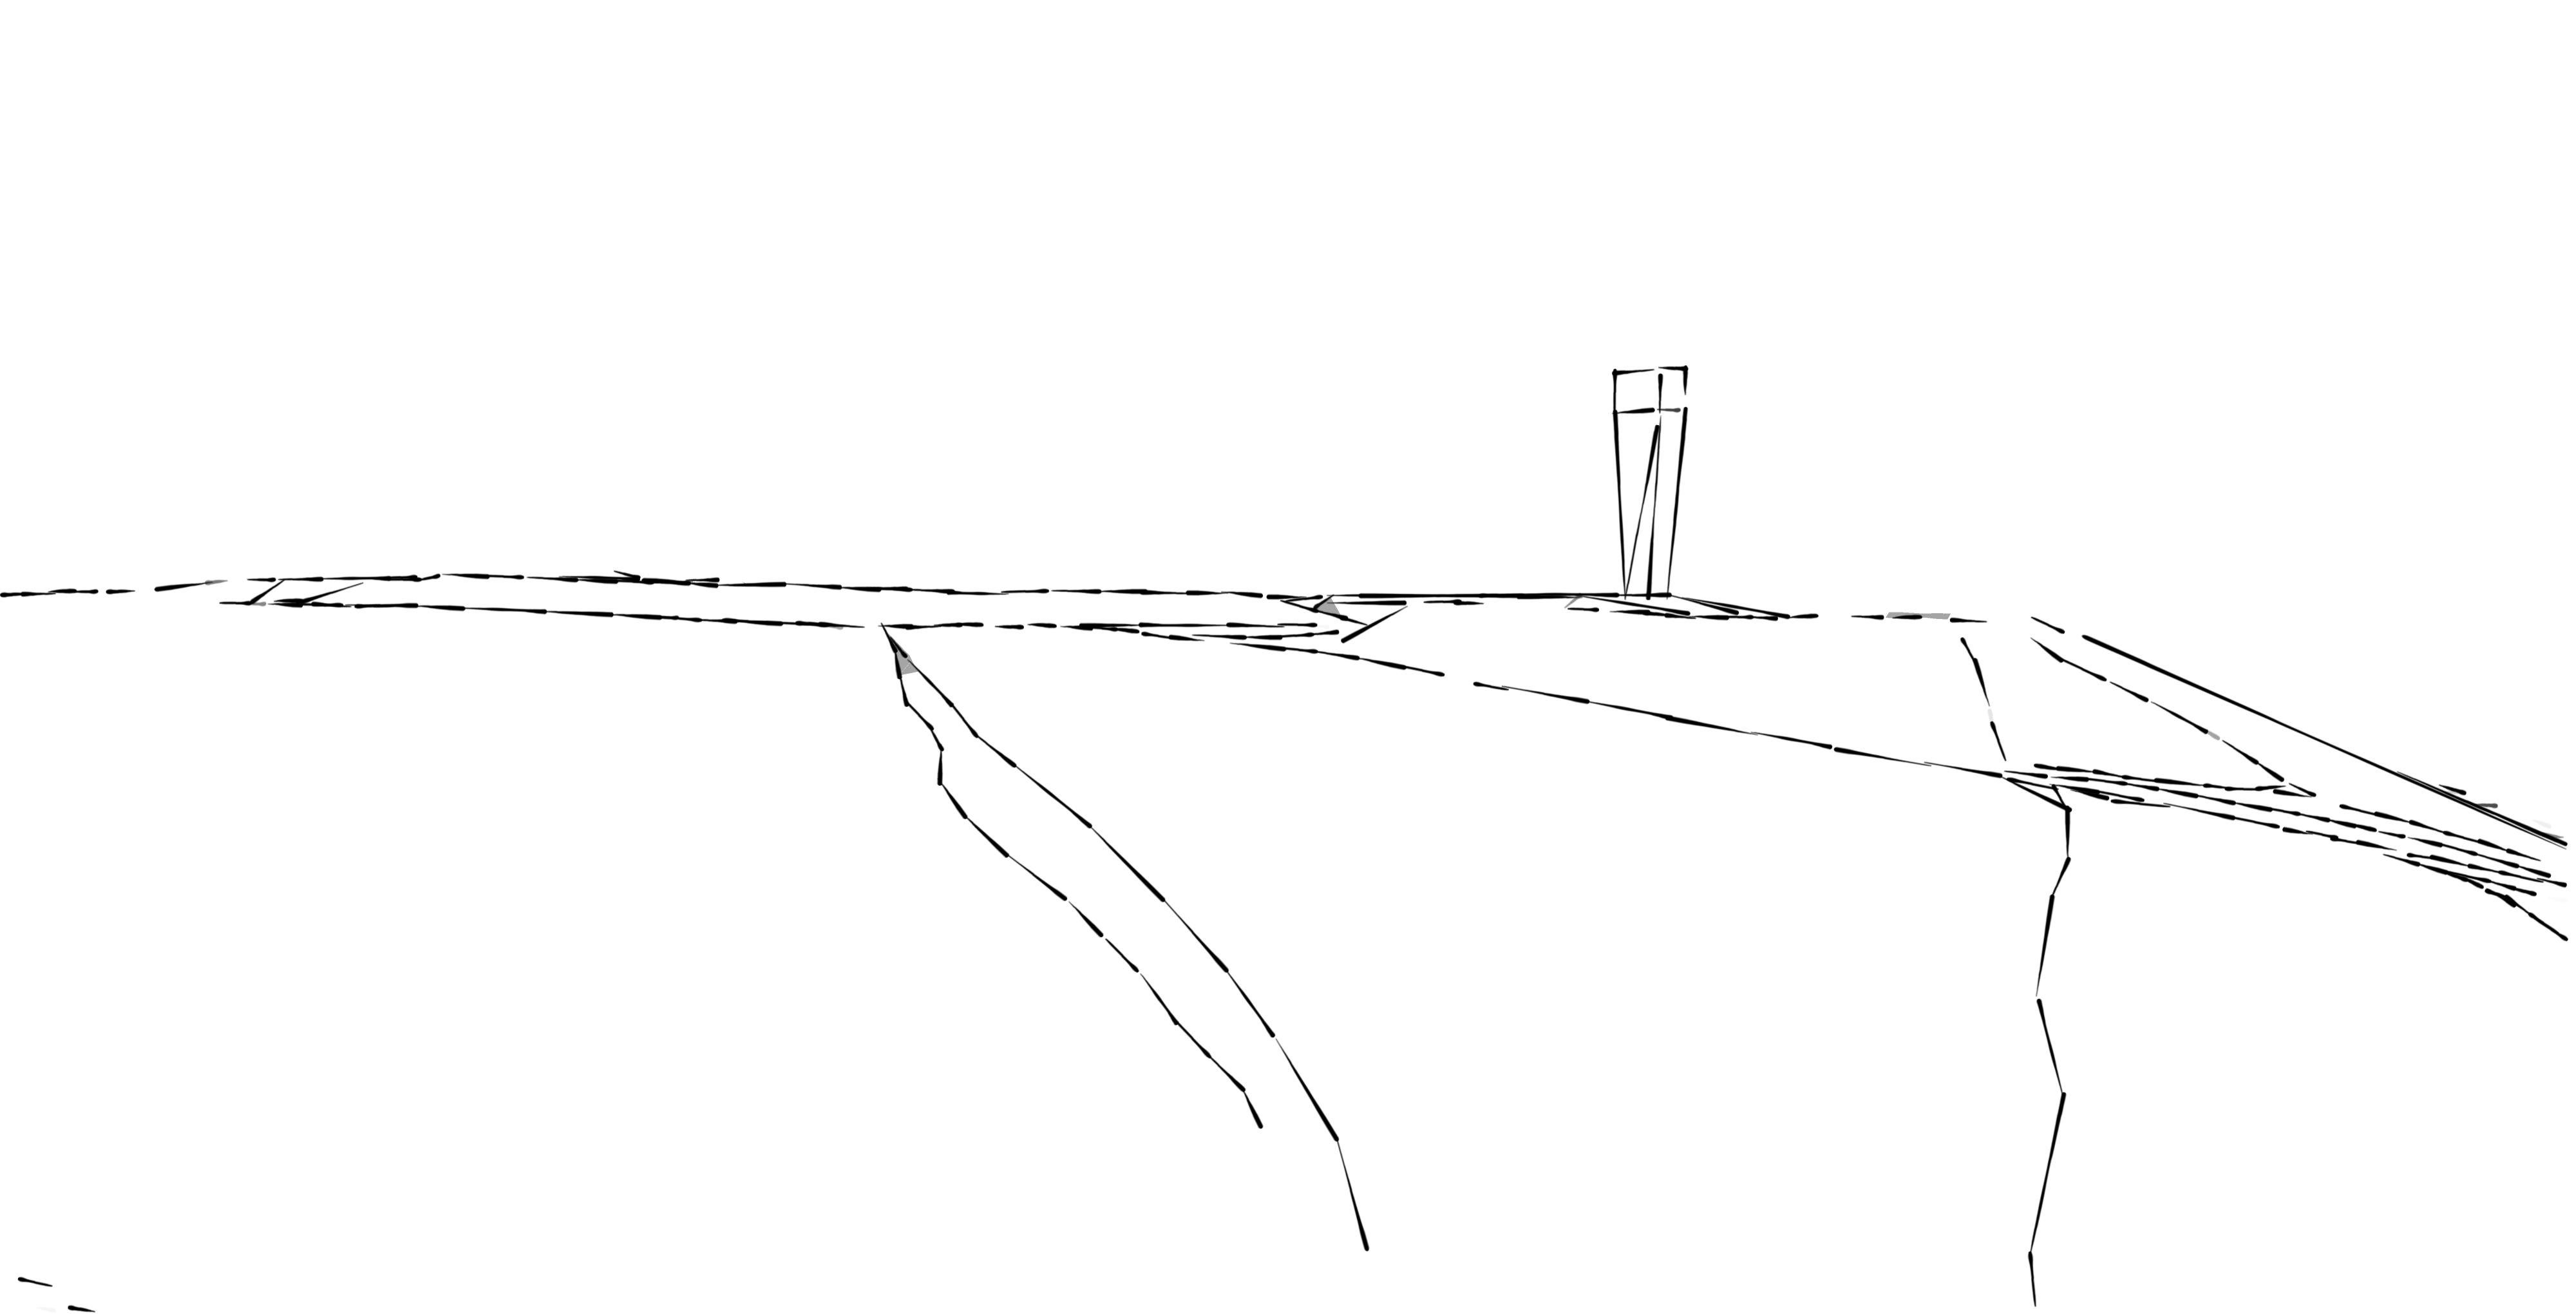 Landmarke Halde Duhamel Skizze